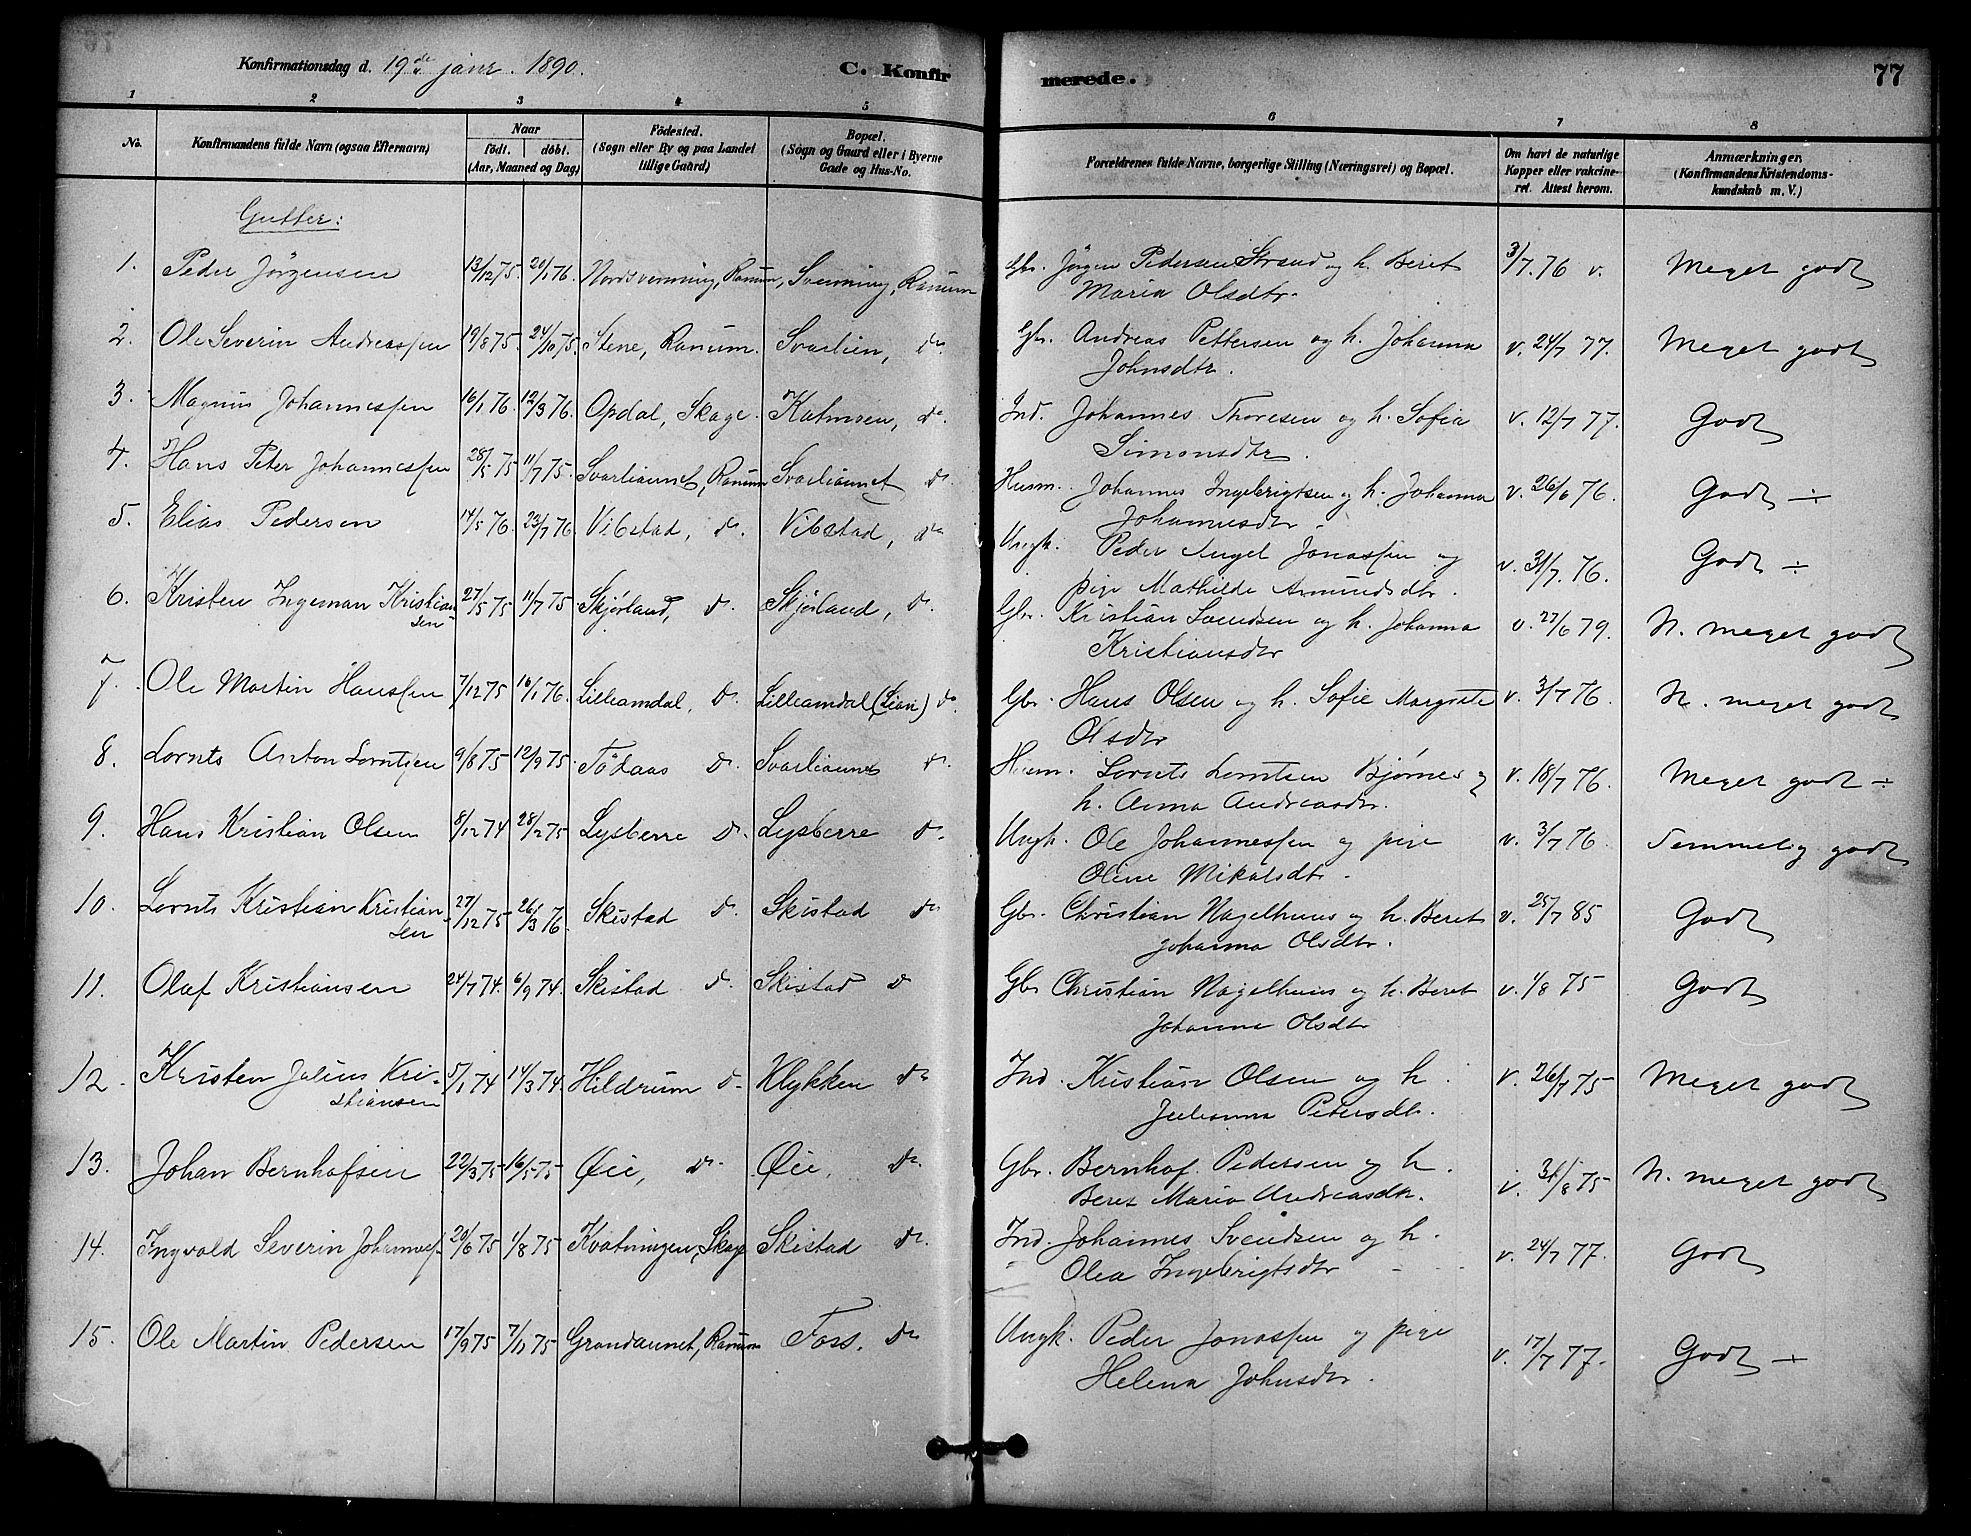 SAT, Ministerialprotokoller, klokkerbøker og fødselsregistre - Nord-Trøndelag, 764/L0555: Ministerialbok nr. 764A10, 1881-1896, s. 77